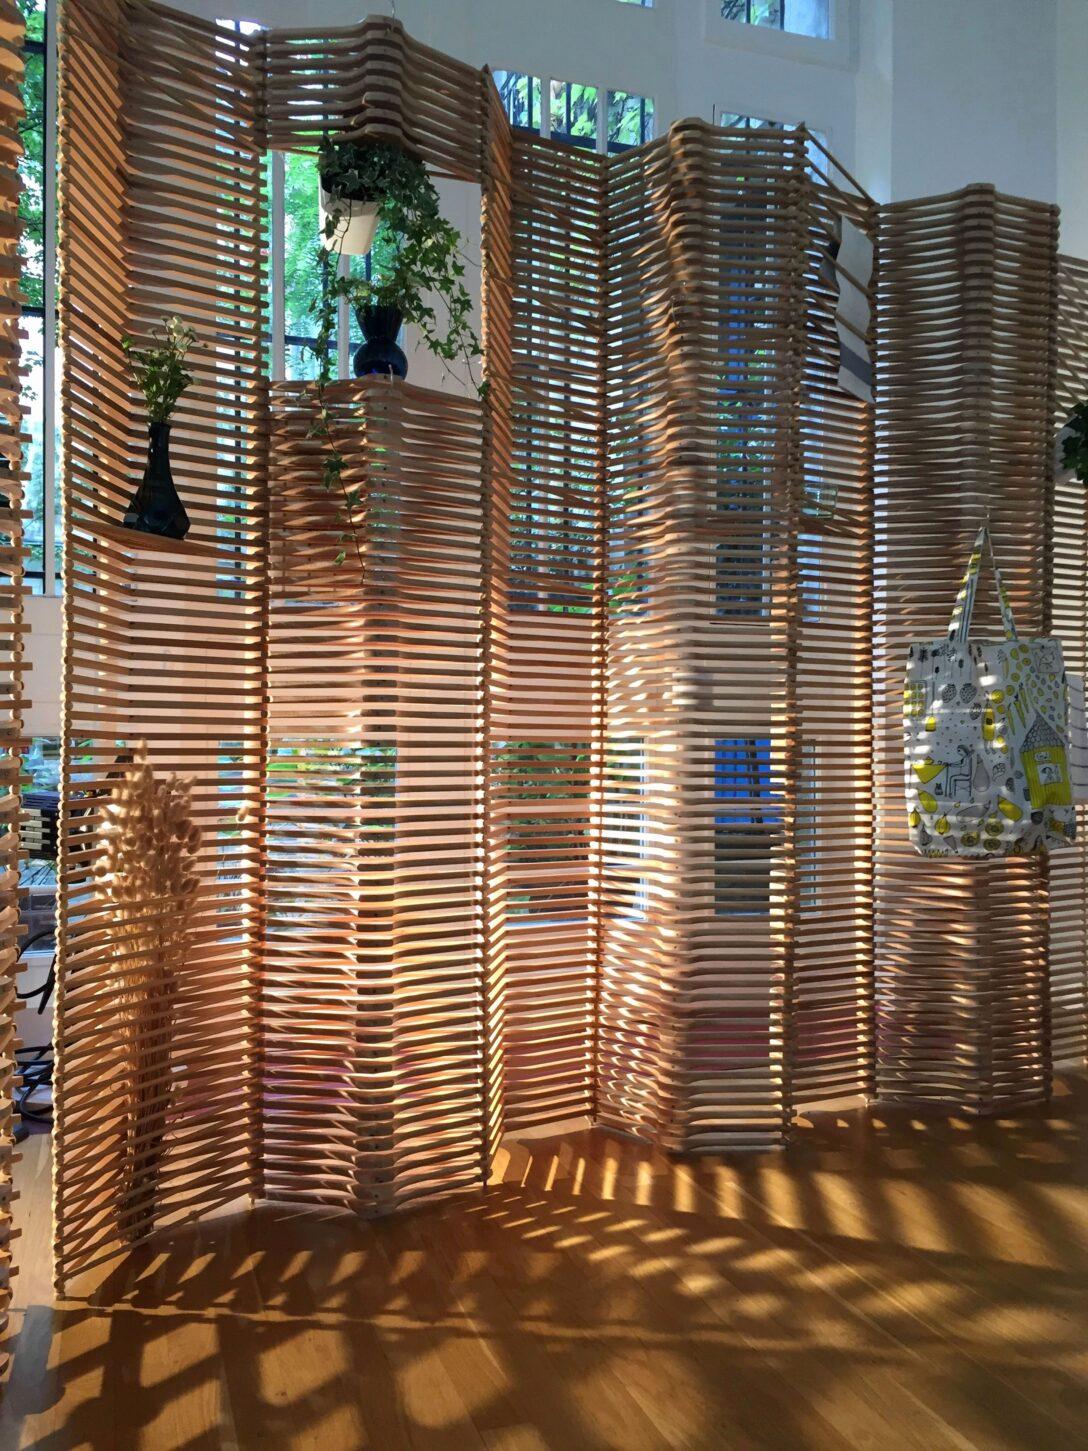 Large Size of Garten Und Landschaftsbau Hamburg Whirlpool Sichtschutz Holzhaus Kind Relaxliege Pavillon Feuerschale Aufblasbar Kugelleuchte Wassertank Vertikal Spielgeräte Wohnzimmer Bambus Paravent Garten